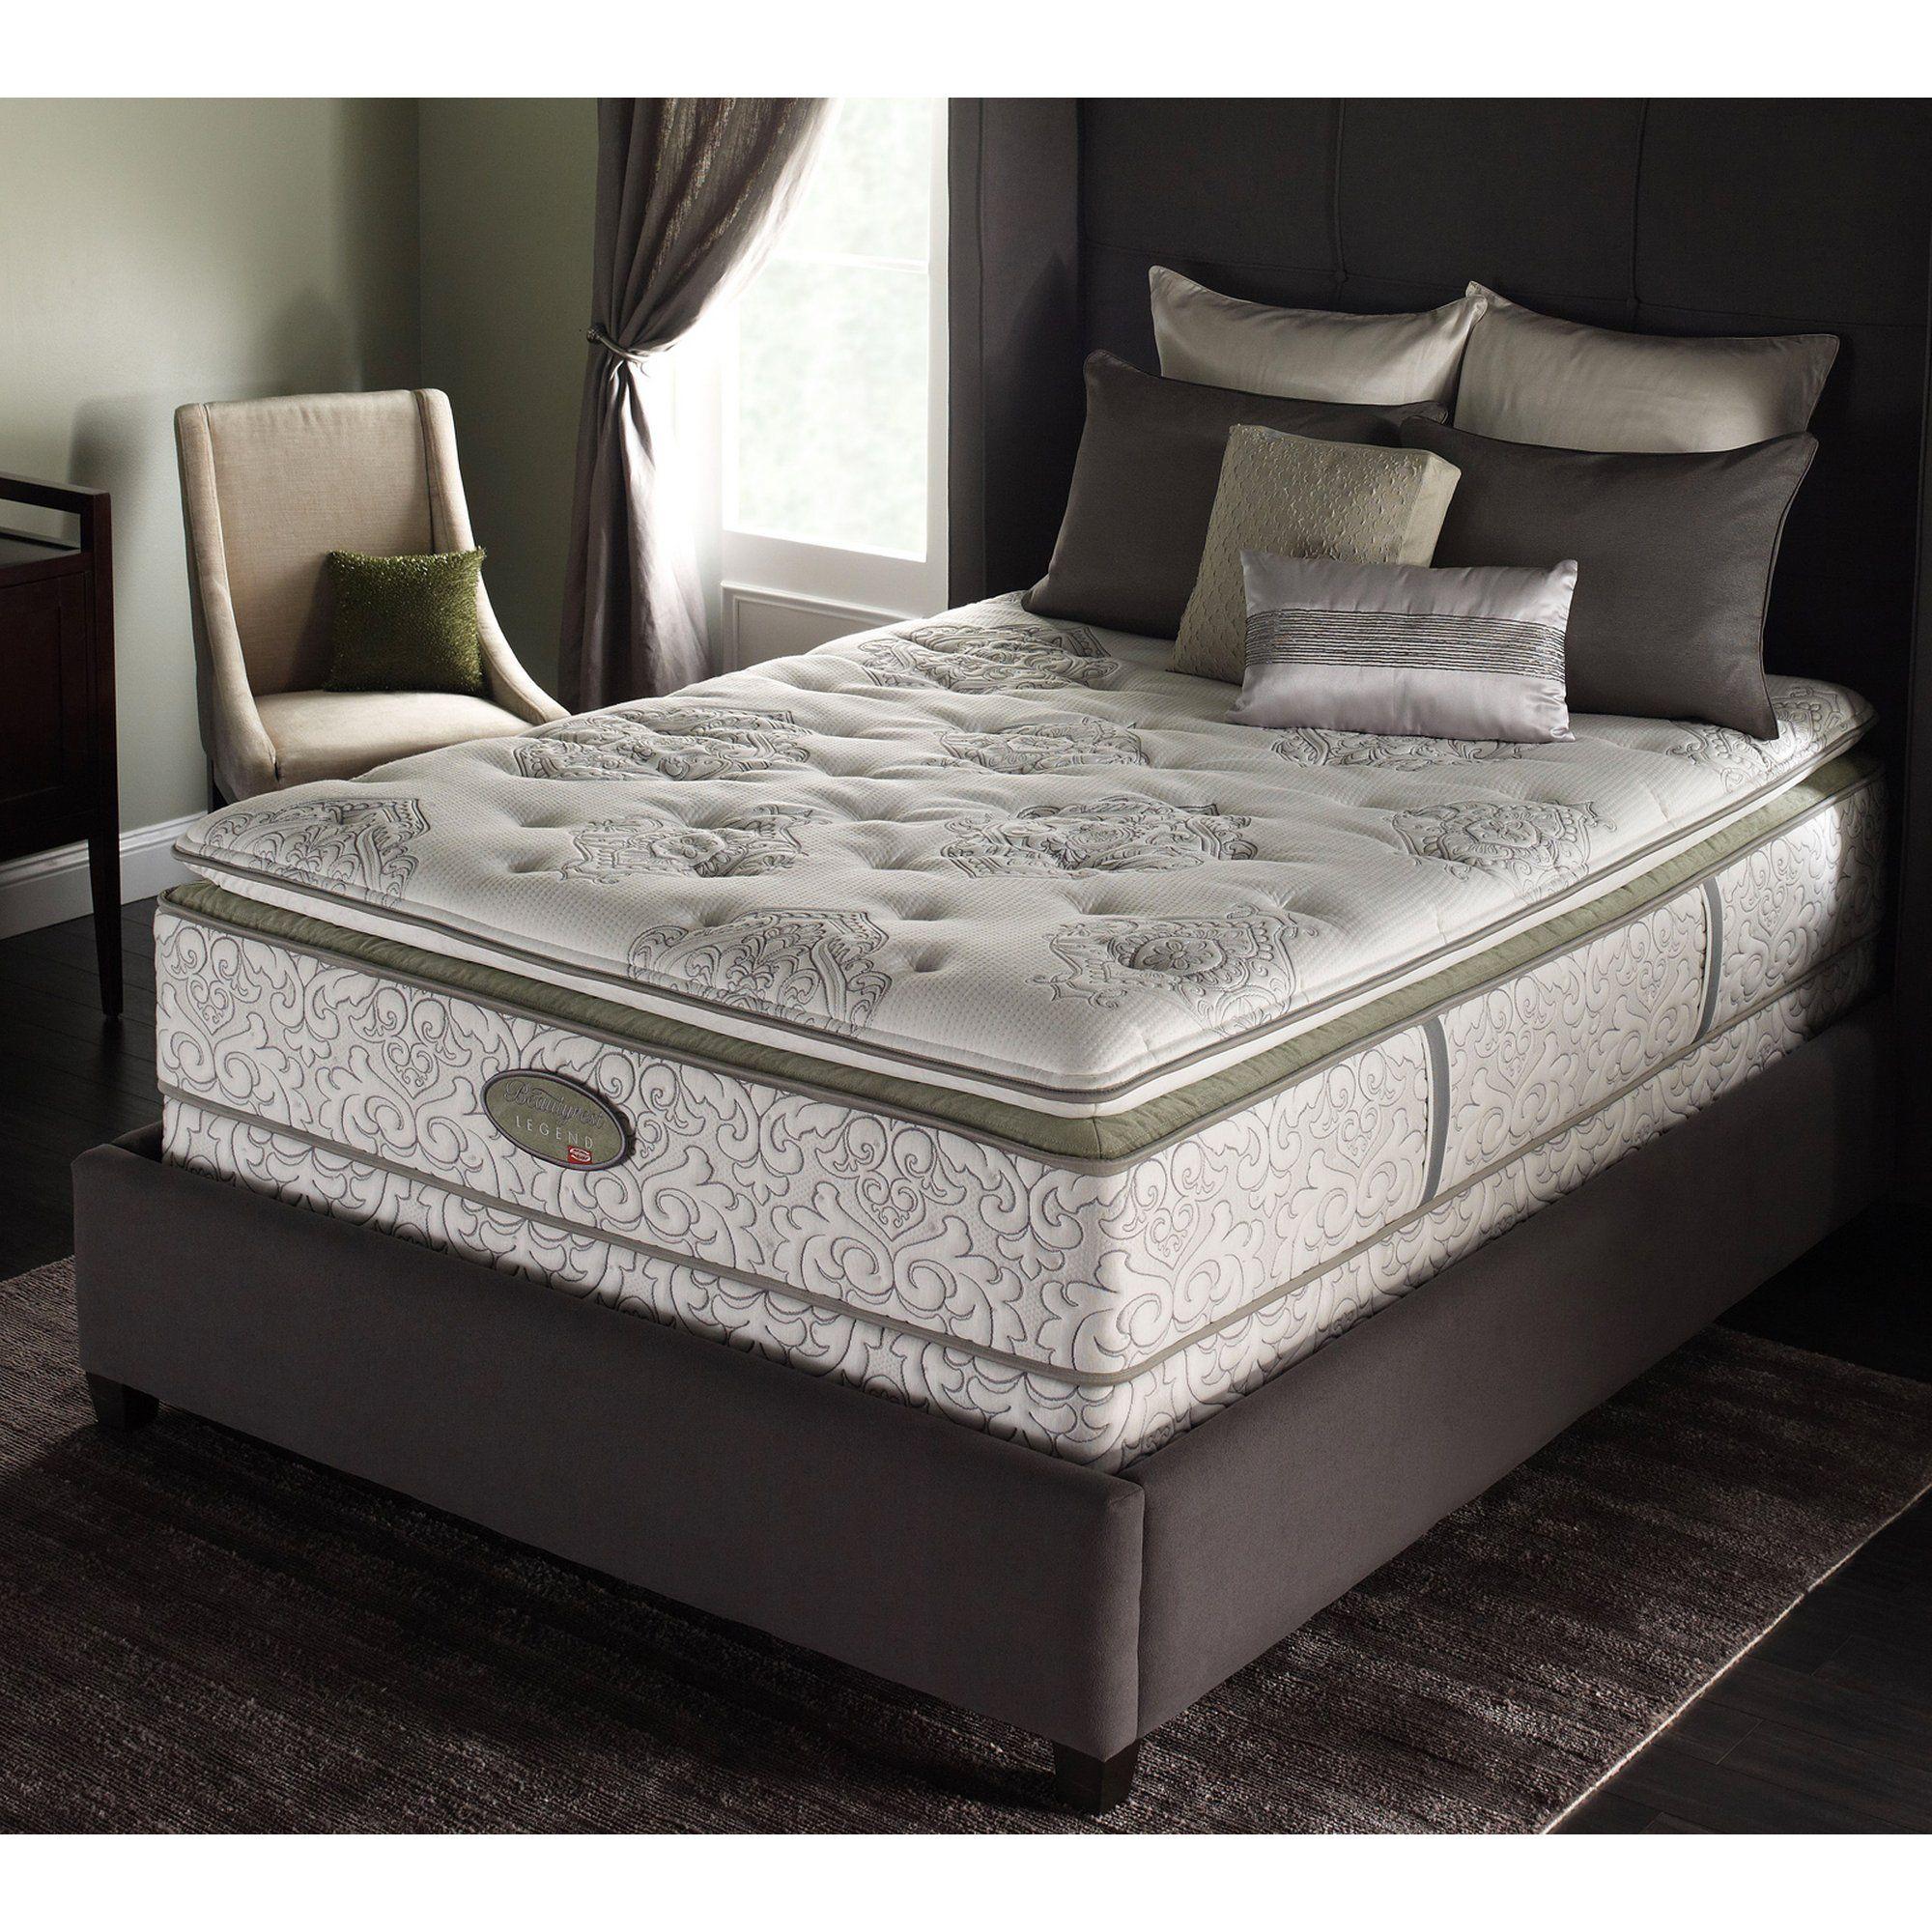 Simmons Beautyrest Legend Luxury Plush Super Pillow Top Mattress Si3198 Sleepy S